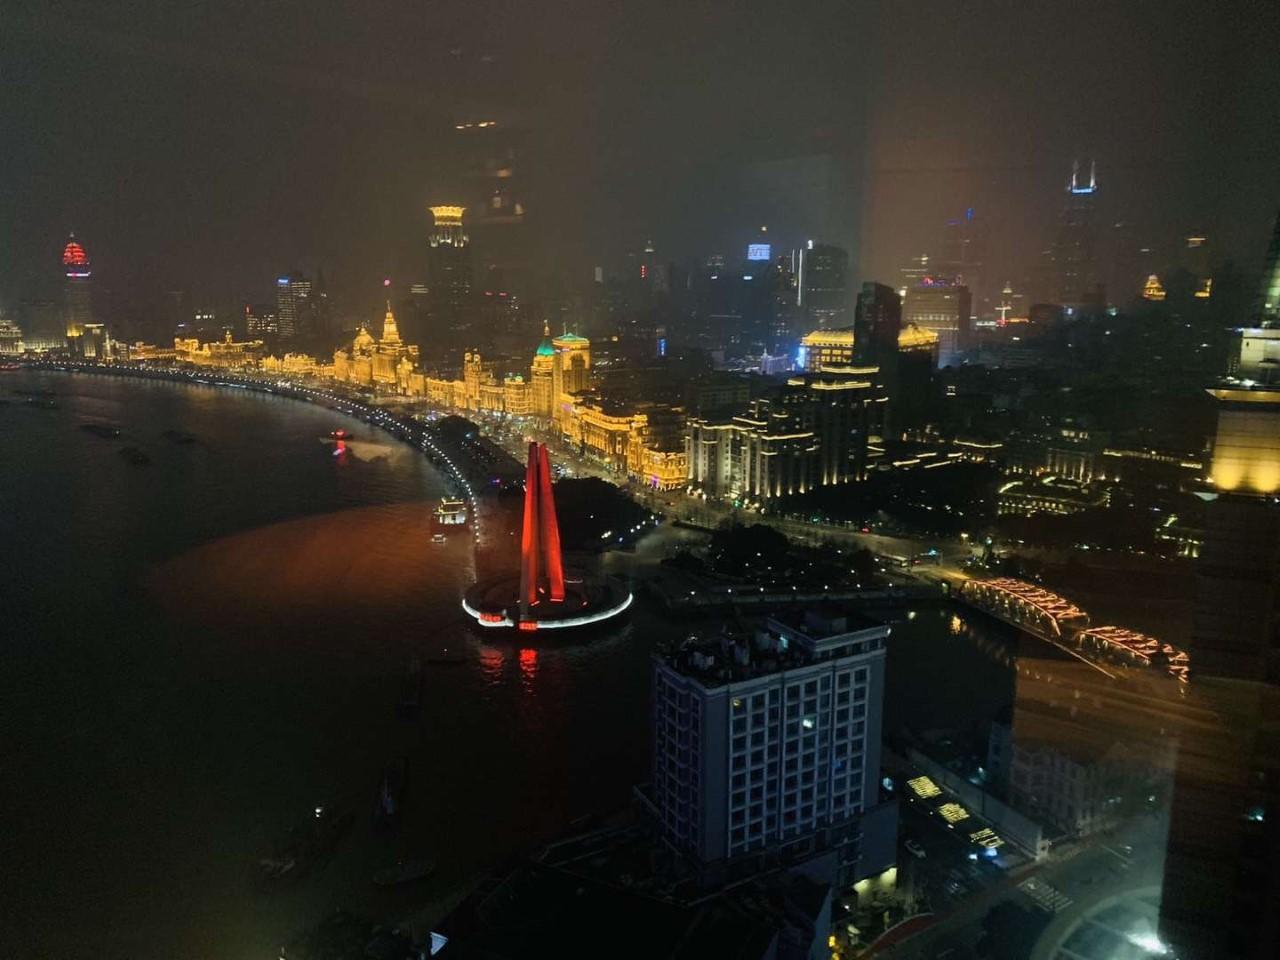 李稻葵:未来三年是中国经济发展的关键时期